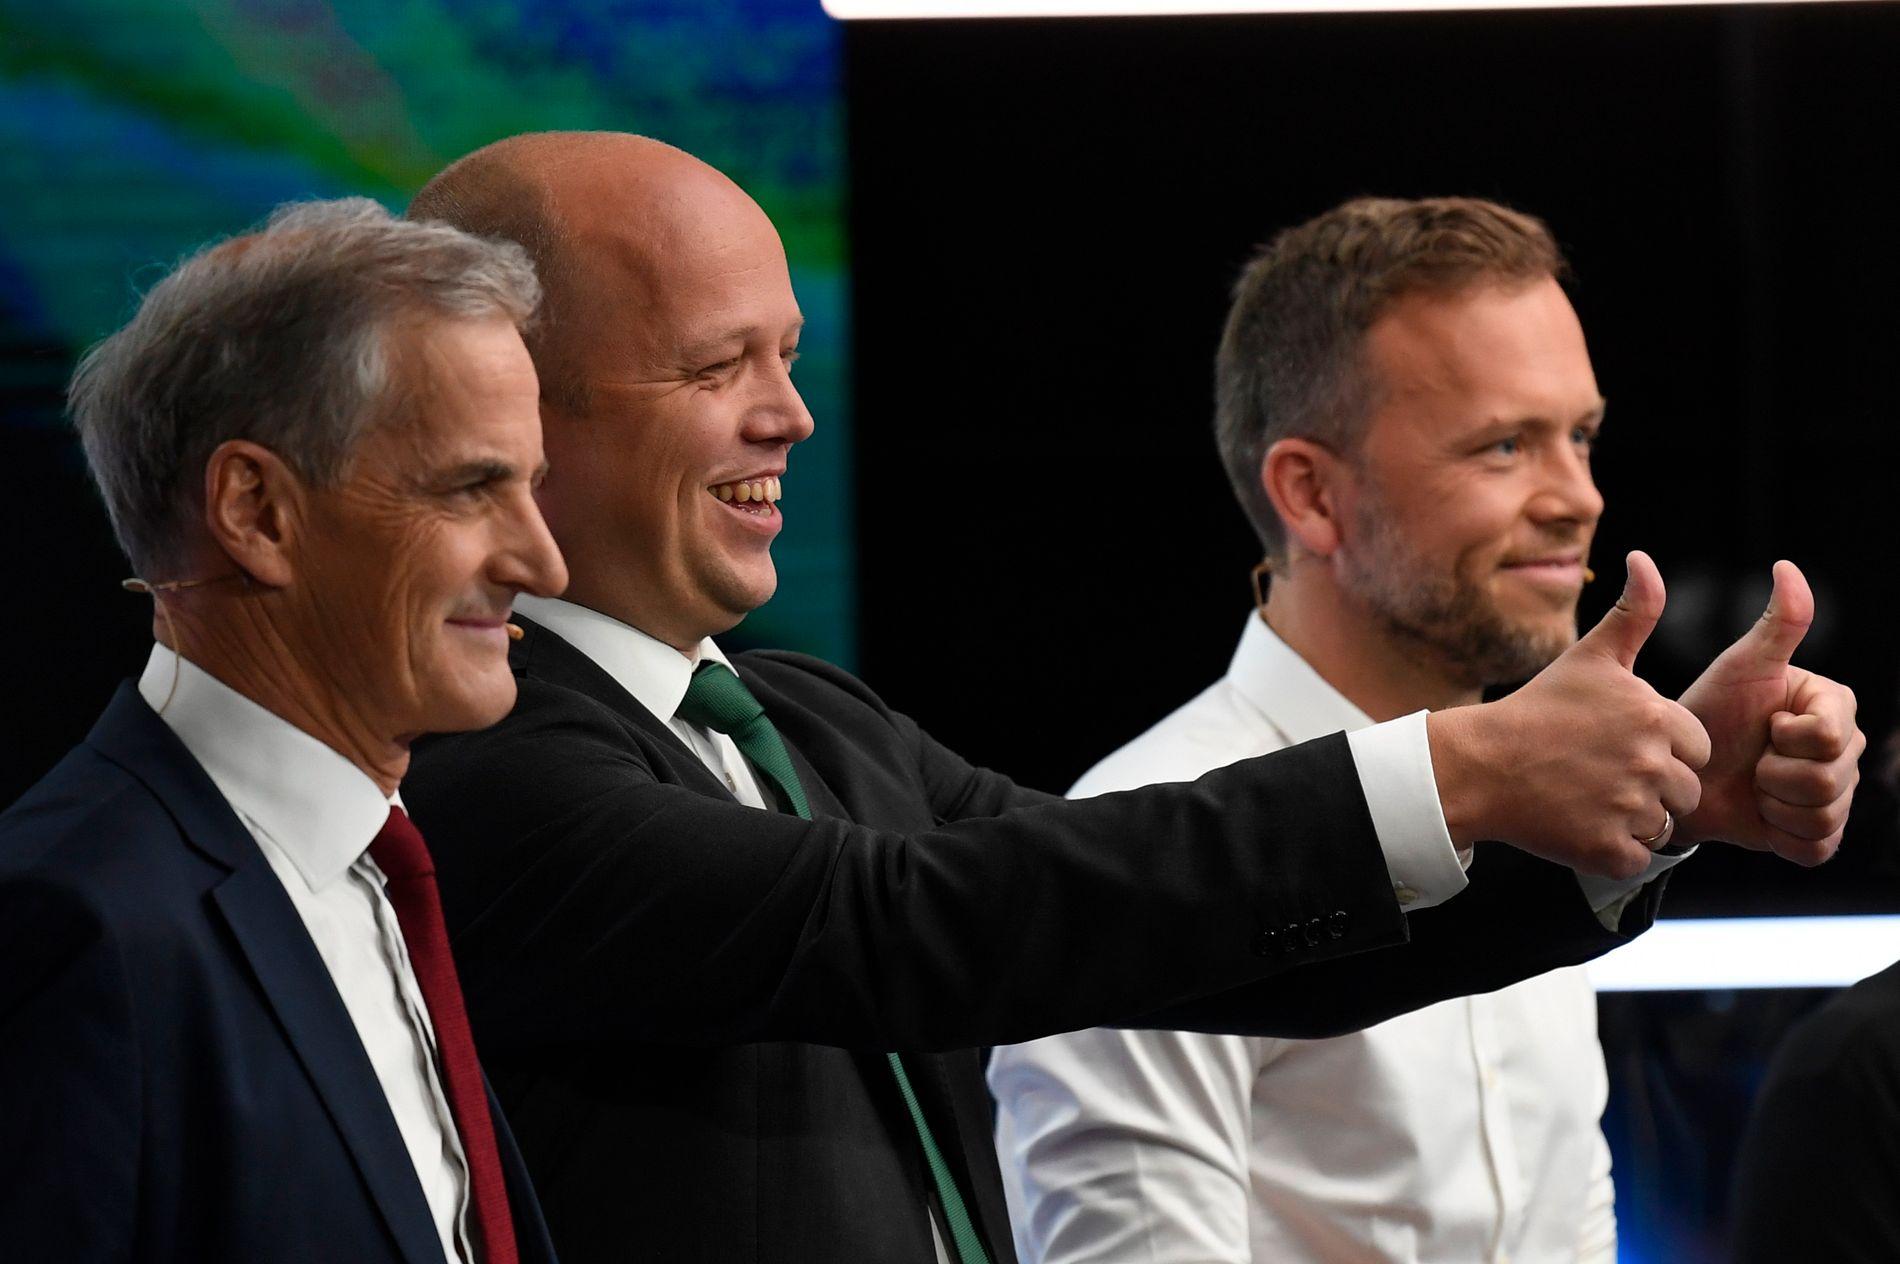 TV 2-MÅLING: Trygve Slagsvold Vedum, (Sp) i midten, har grunn til å juble etter at hans parti nesten har doblet seg siden forrige kommunevalg, ifølge TV 2s siste meningsmåling før valget.